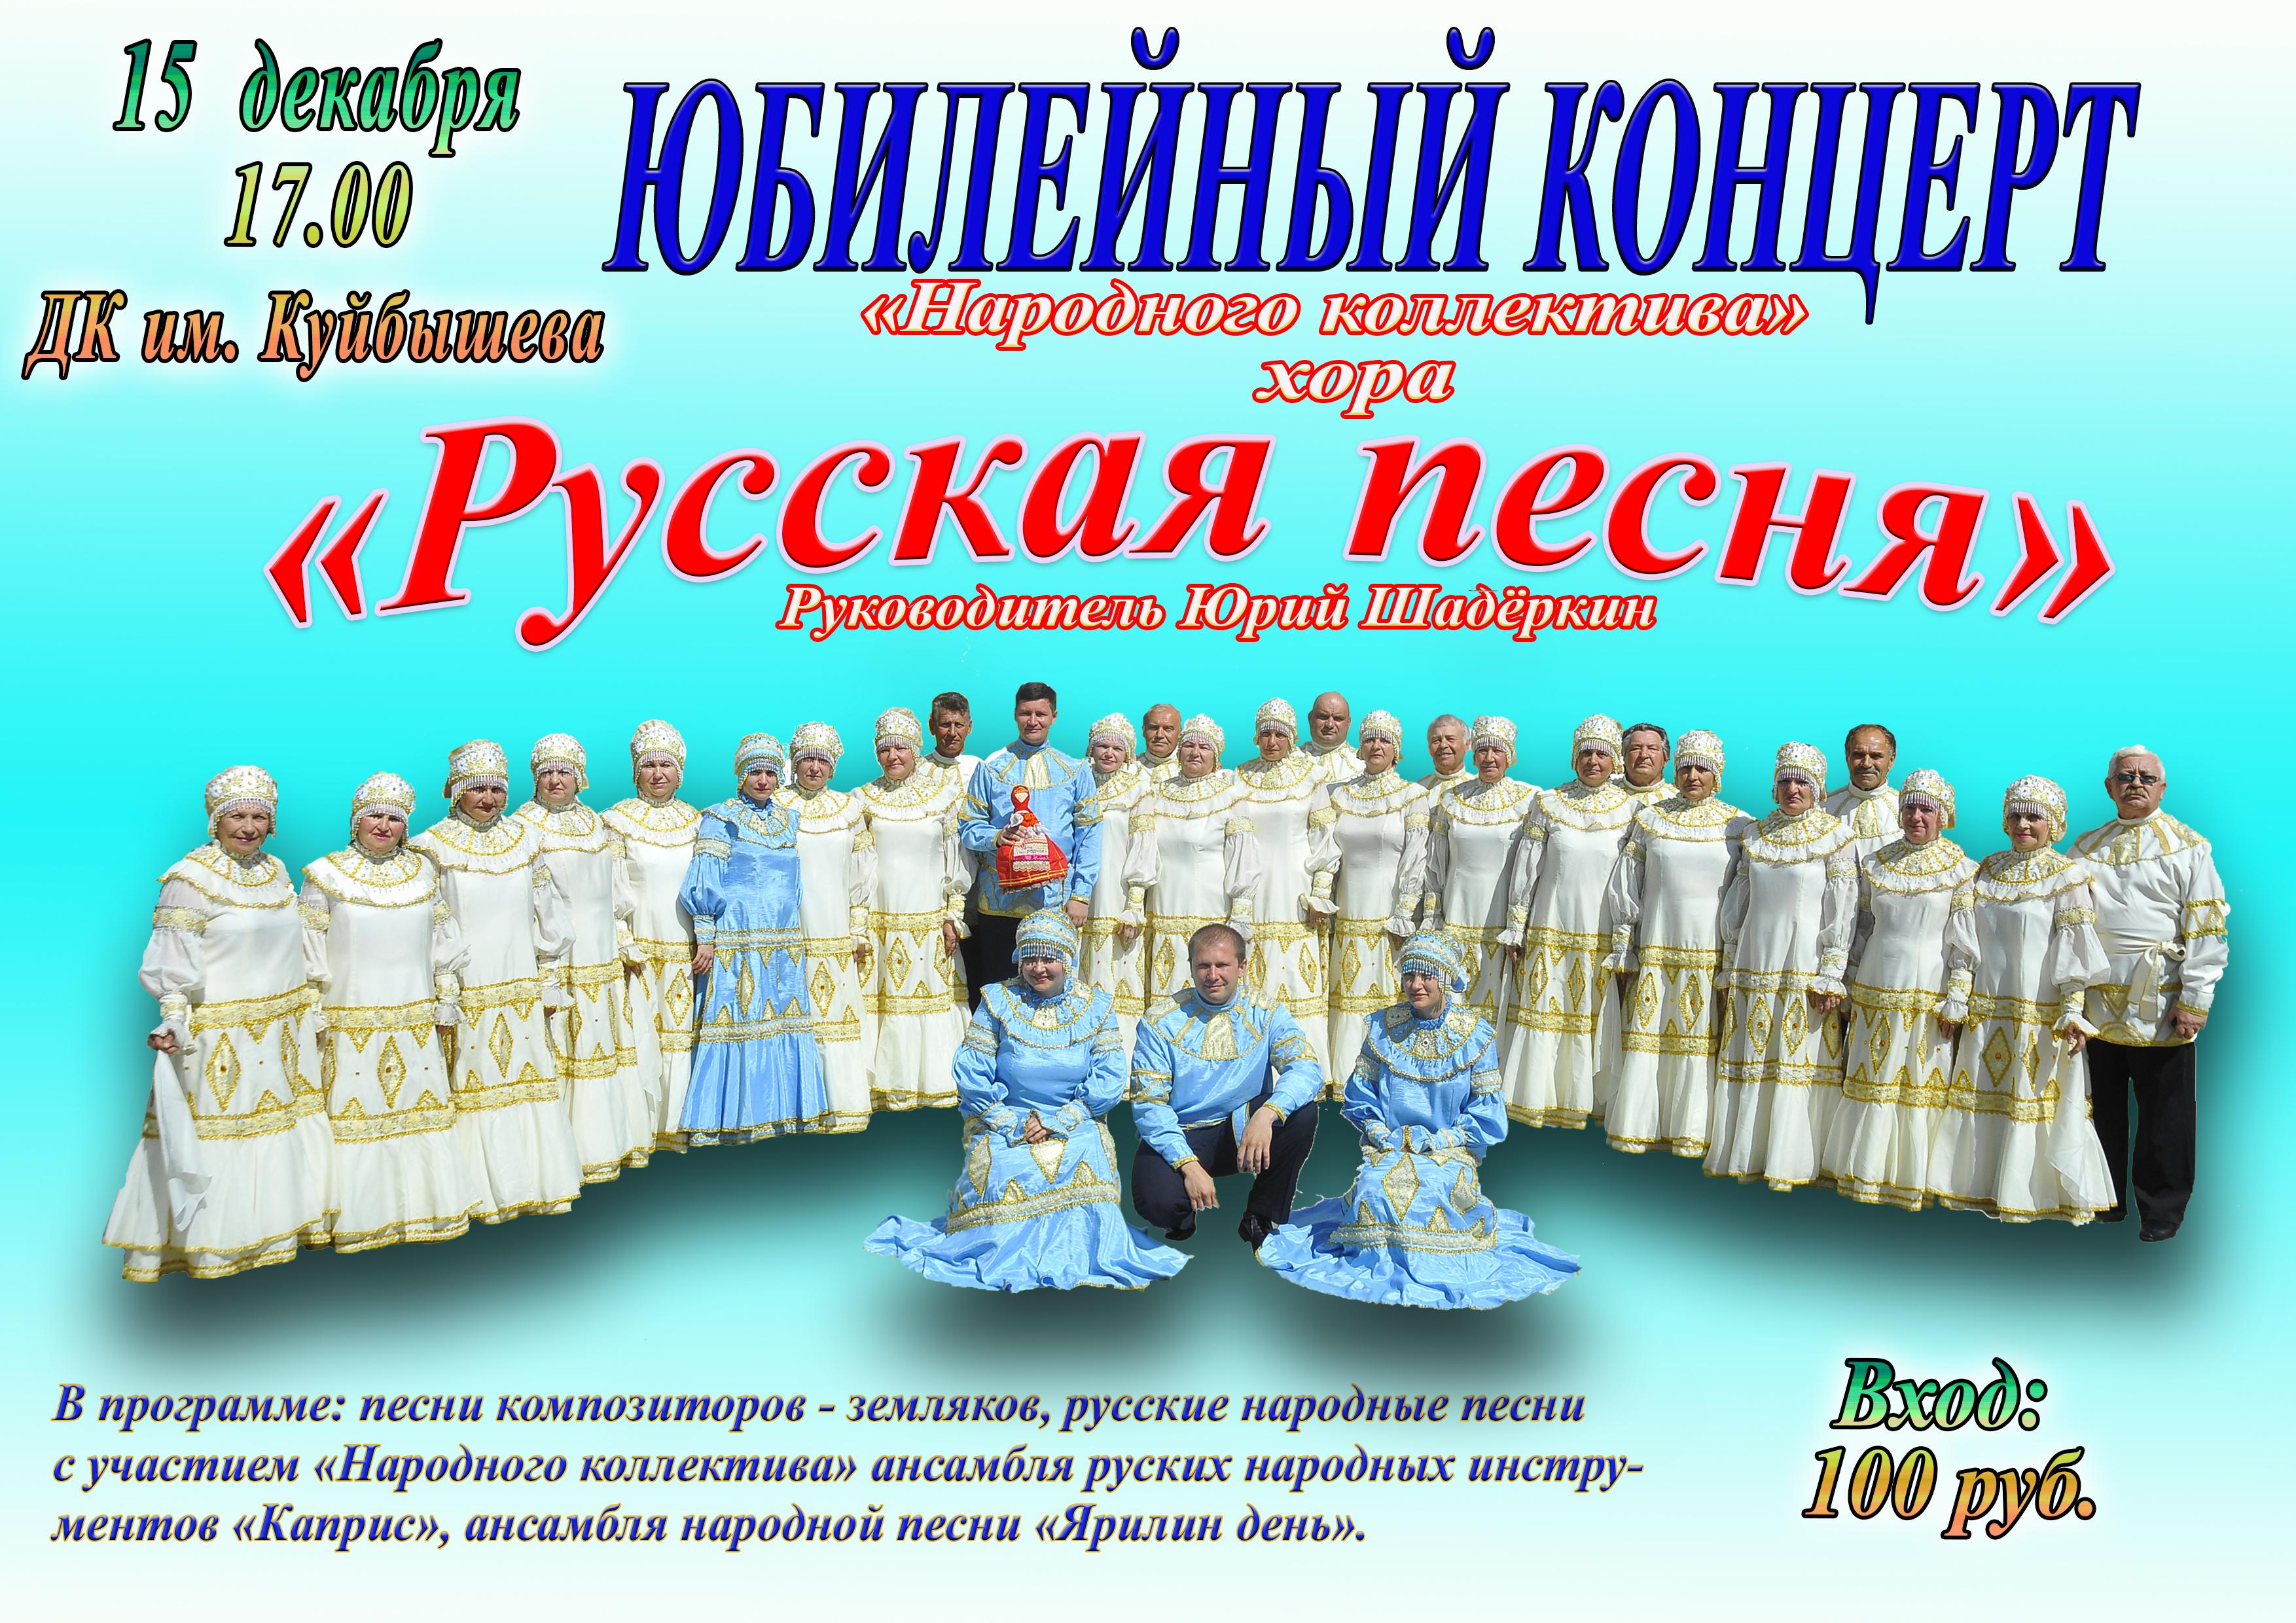 Сценарий к концерту народных песен